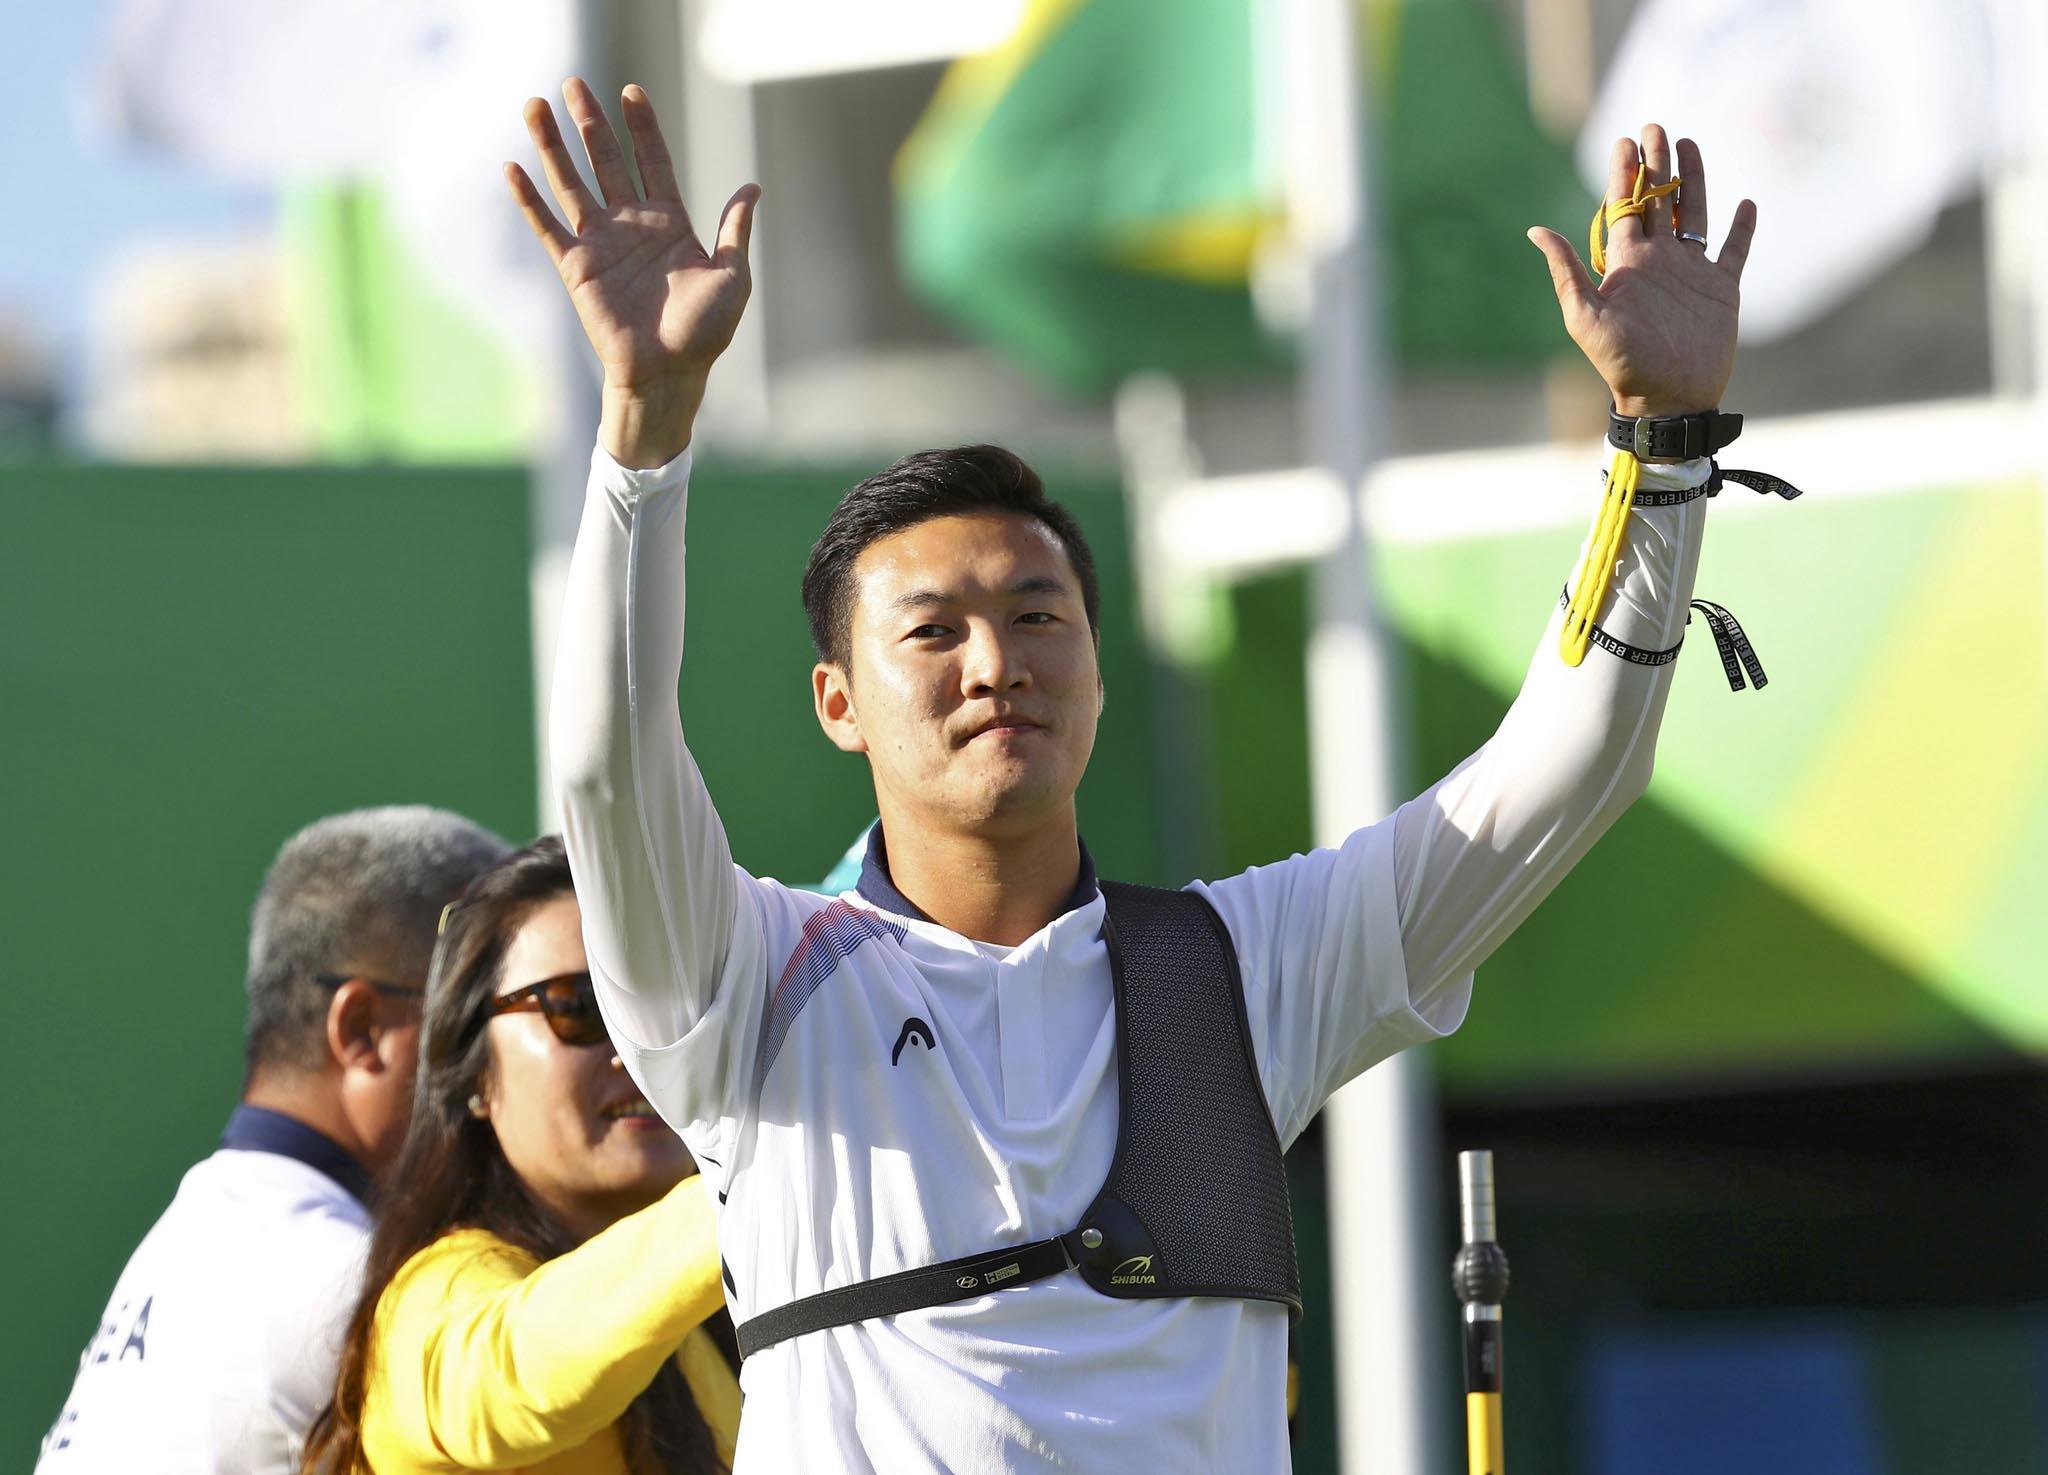 选手在线男子个人决赛苏丹奥运具本昌夺冠射箭手韩国摔跤图片